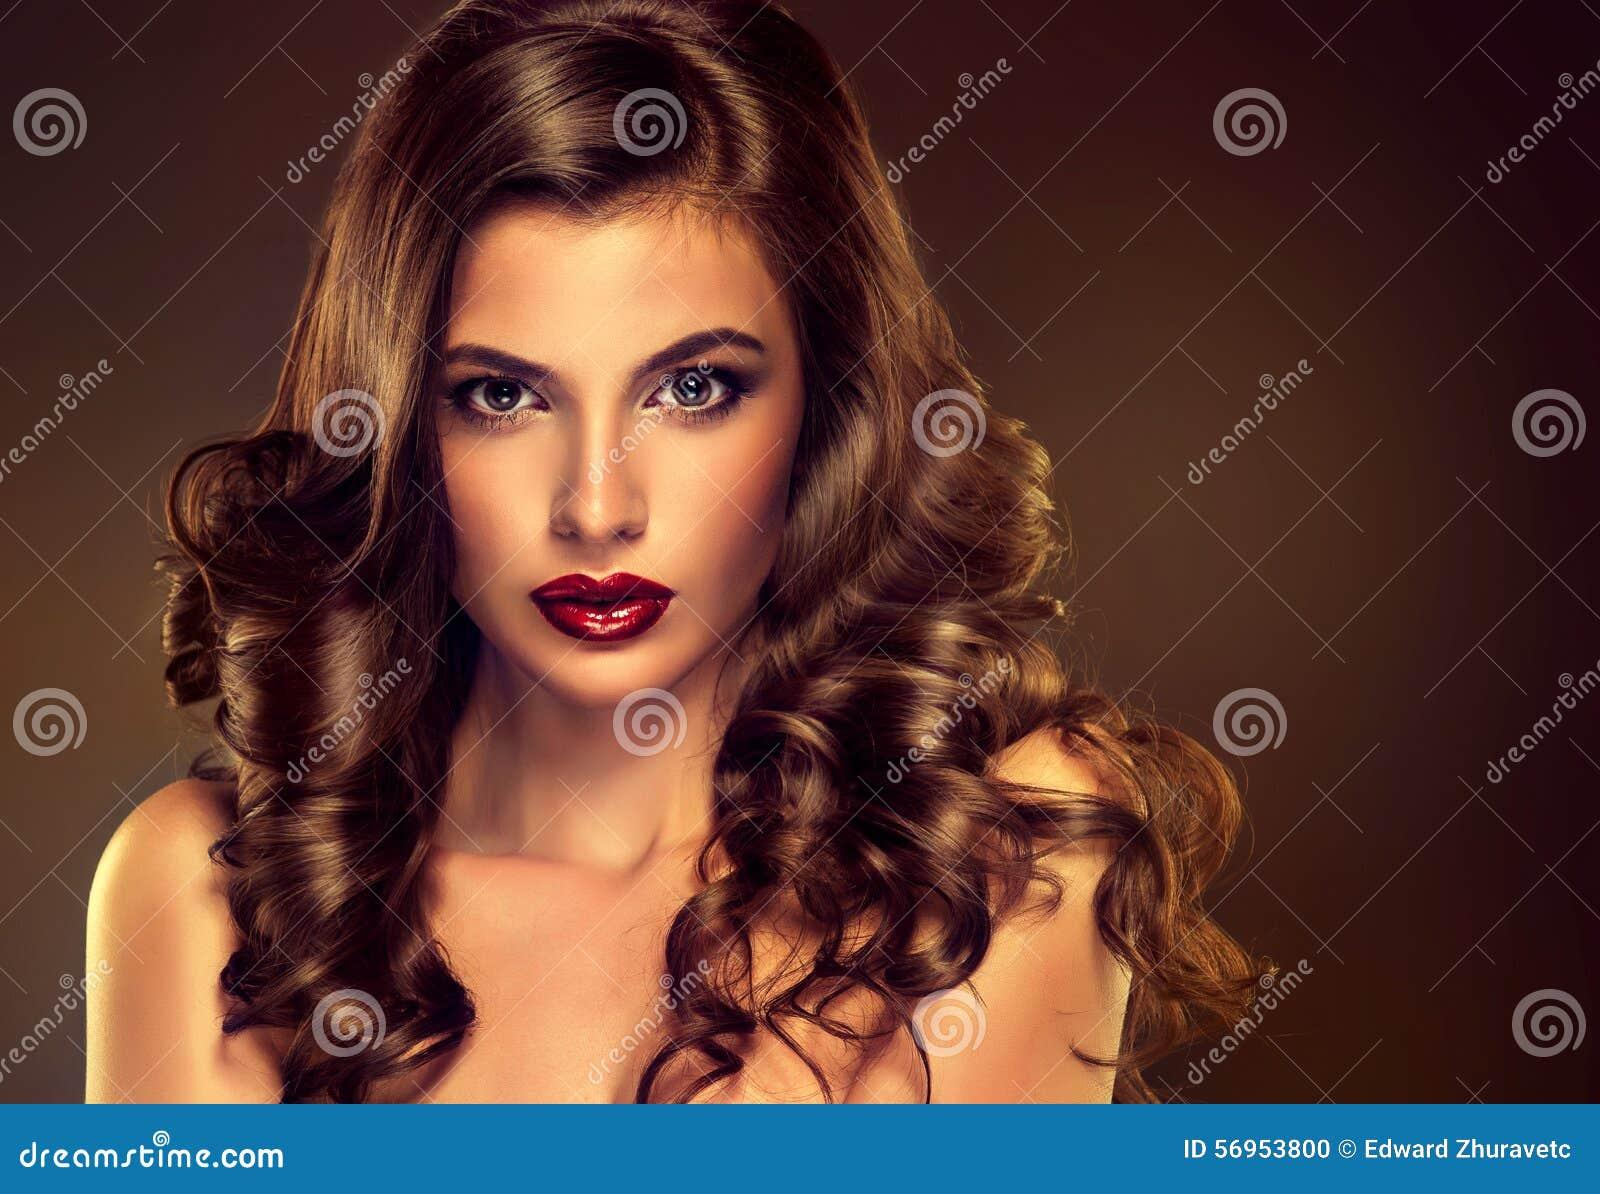 Όμορφο πρότυπο κοριτσιών με τη μακριά καφετιά κατσαρωμένη τρίχα